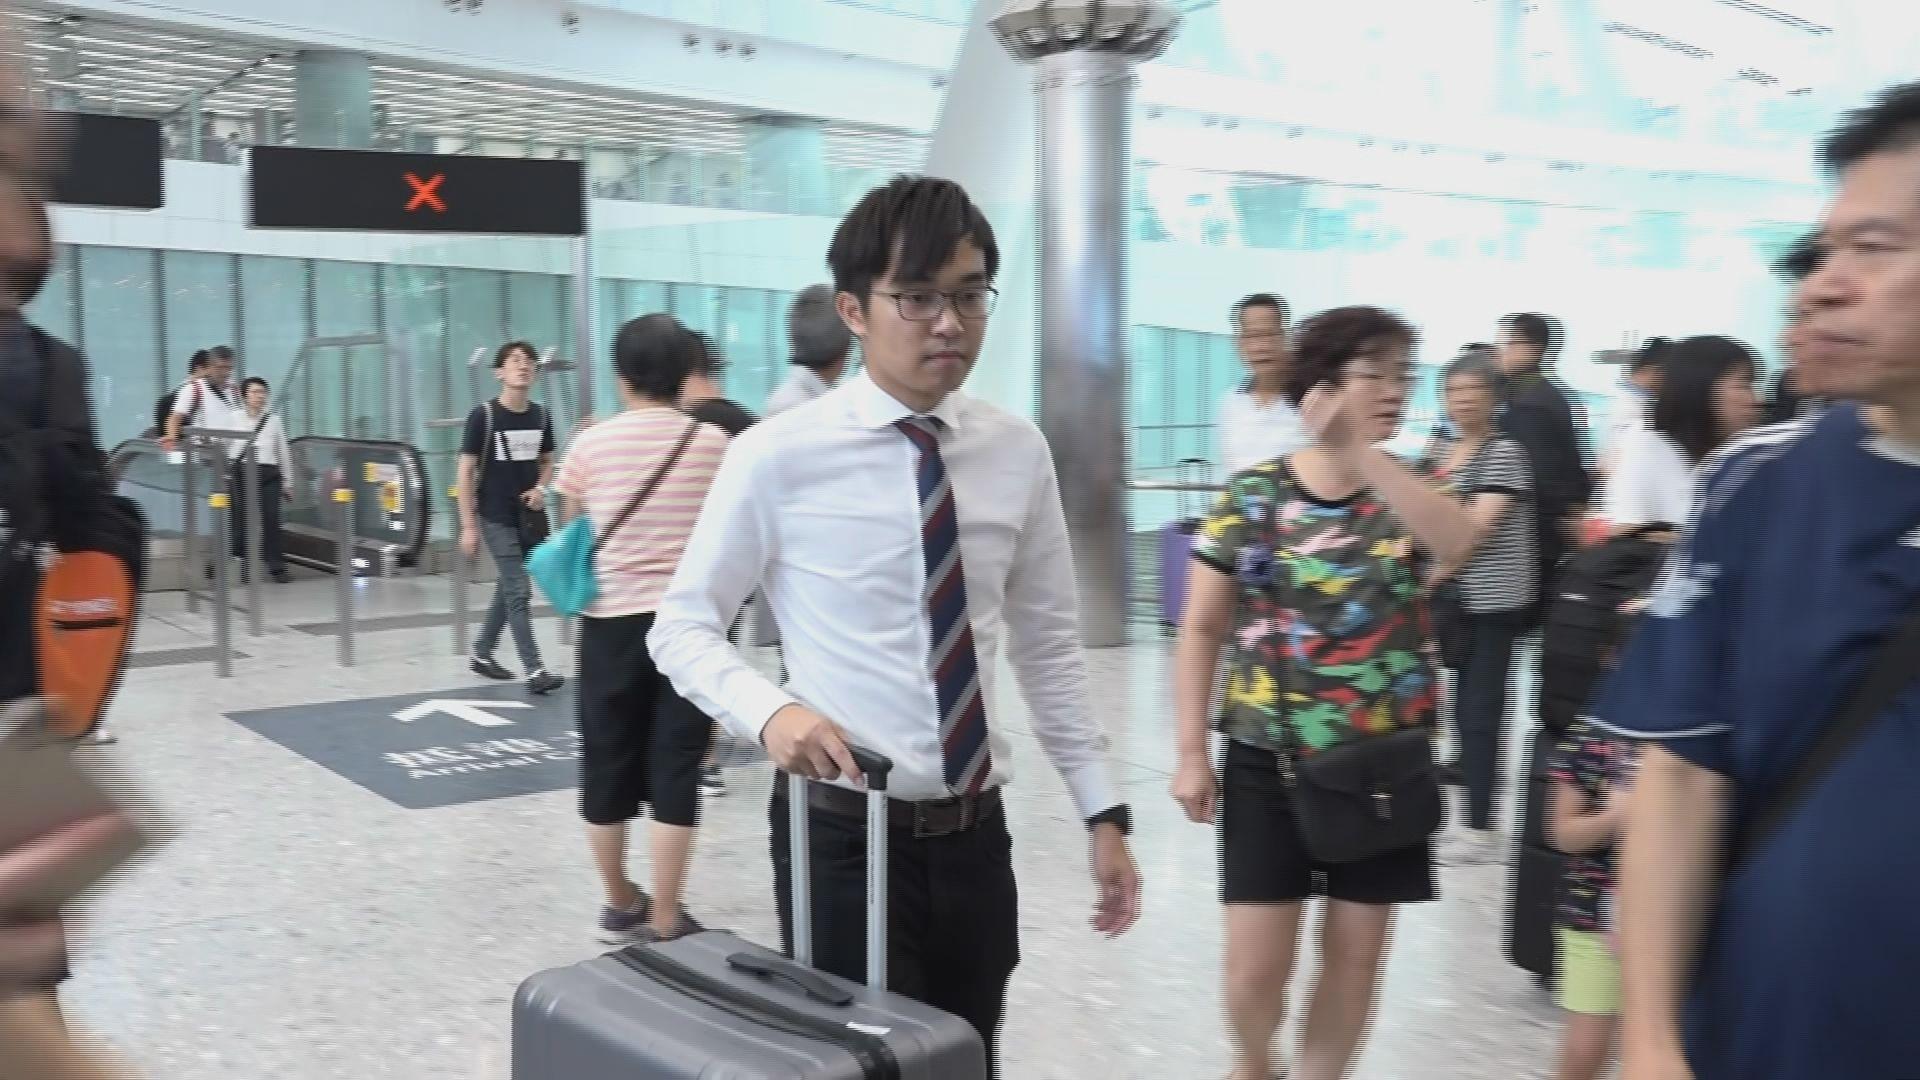 高鐵帶超規定大型行李可順利過關